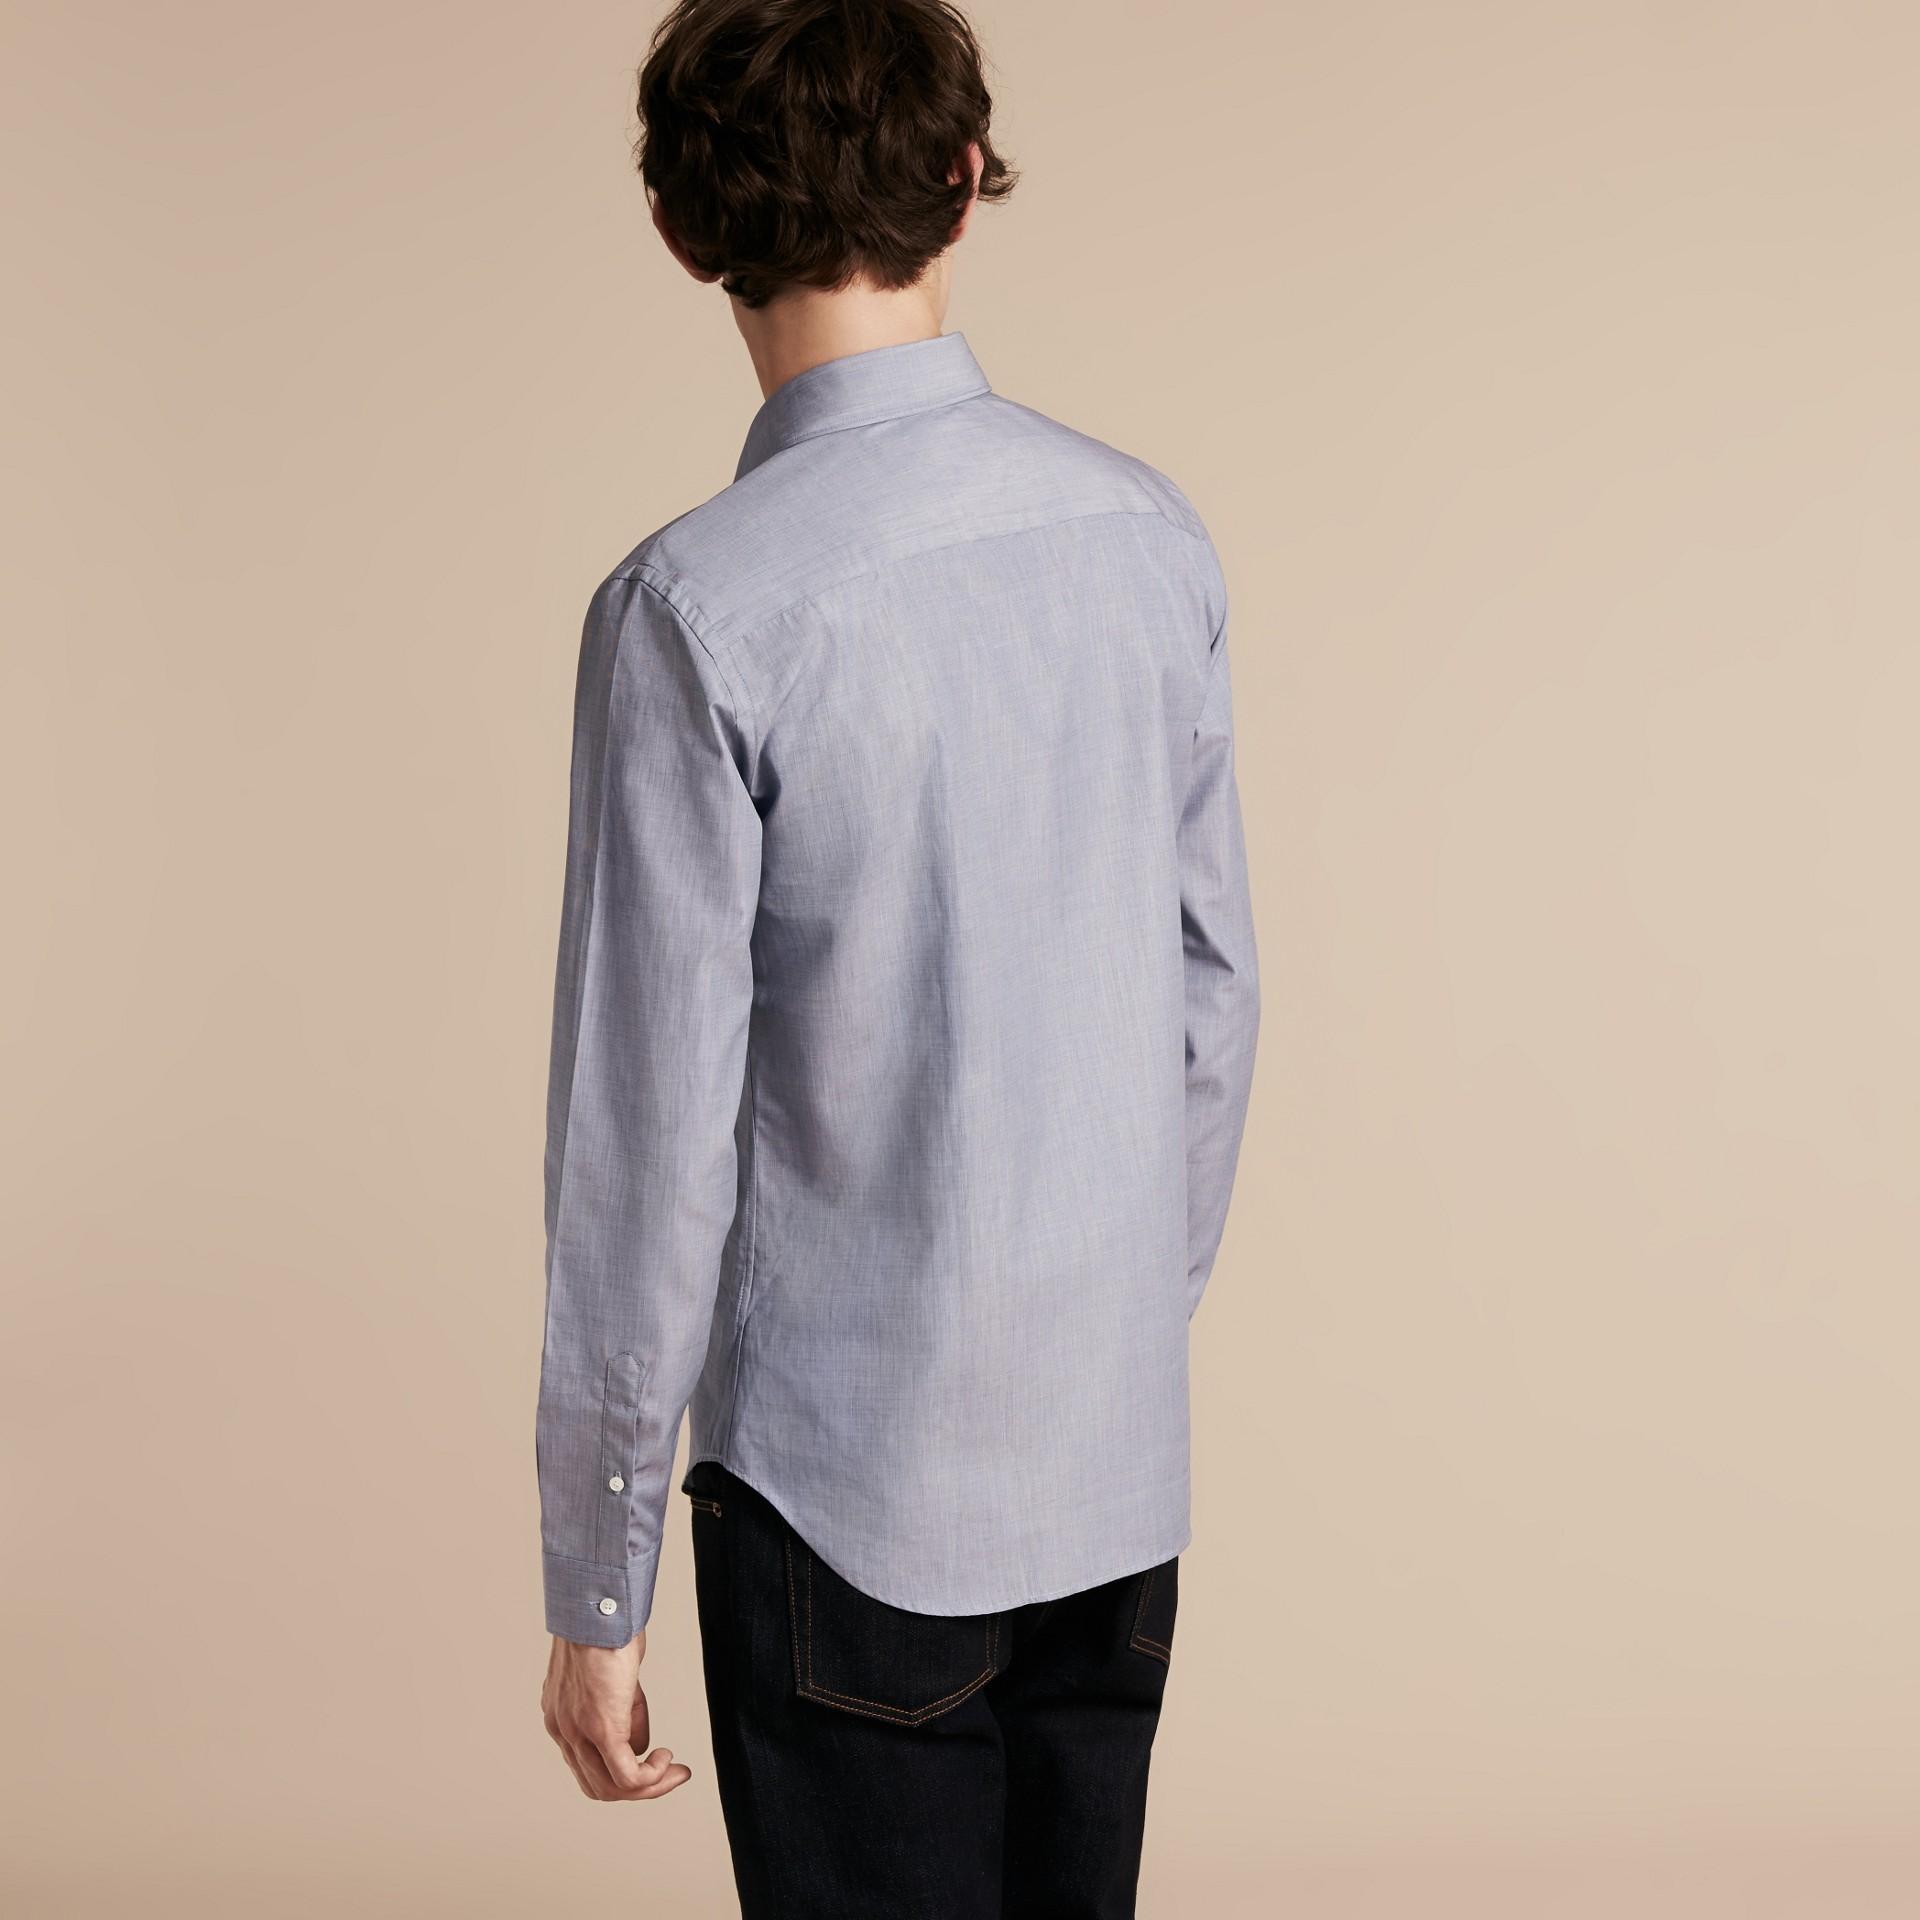 Light blue Camisa de mescla de algodão Light Blue - galeria de imagens 3